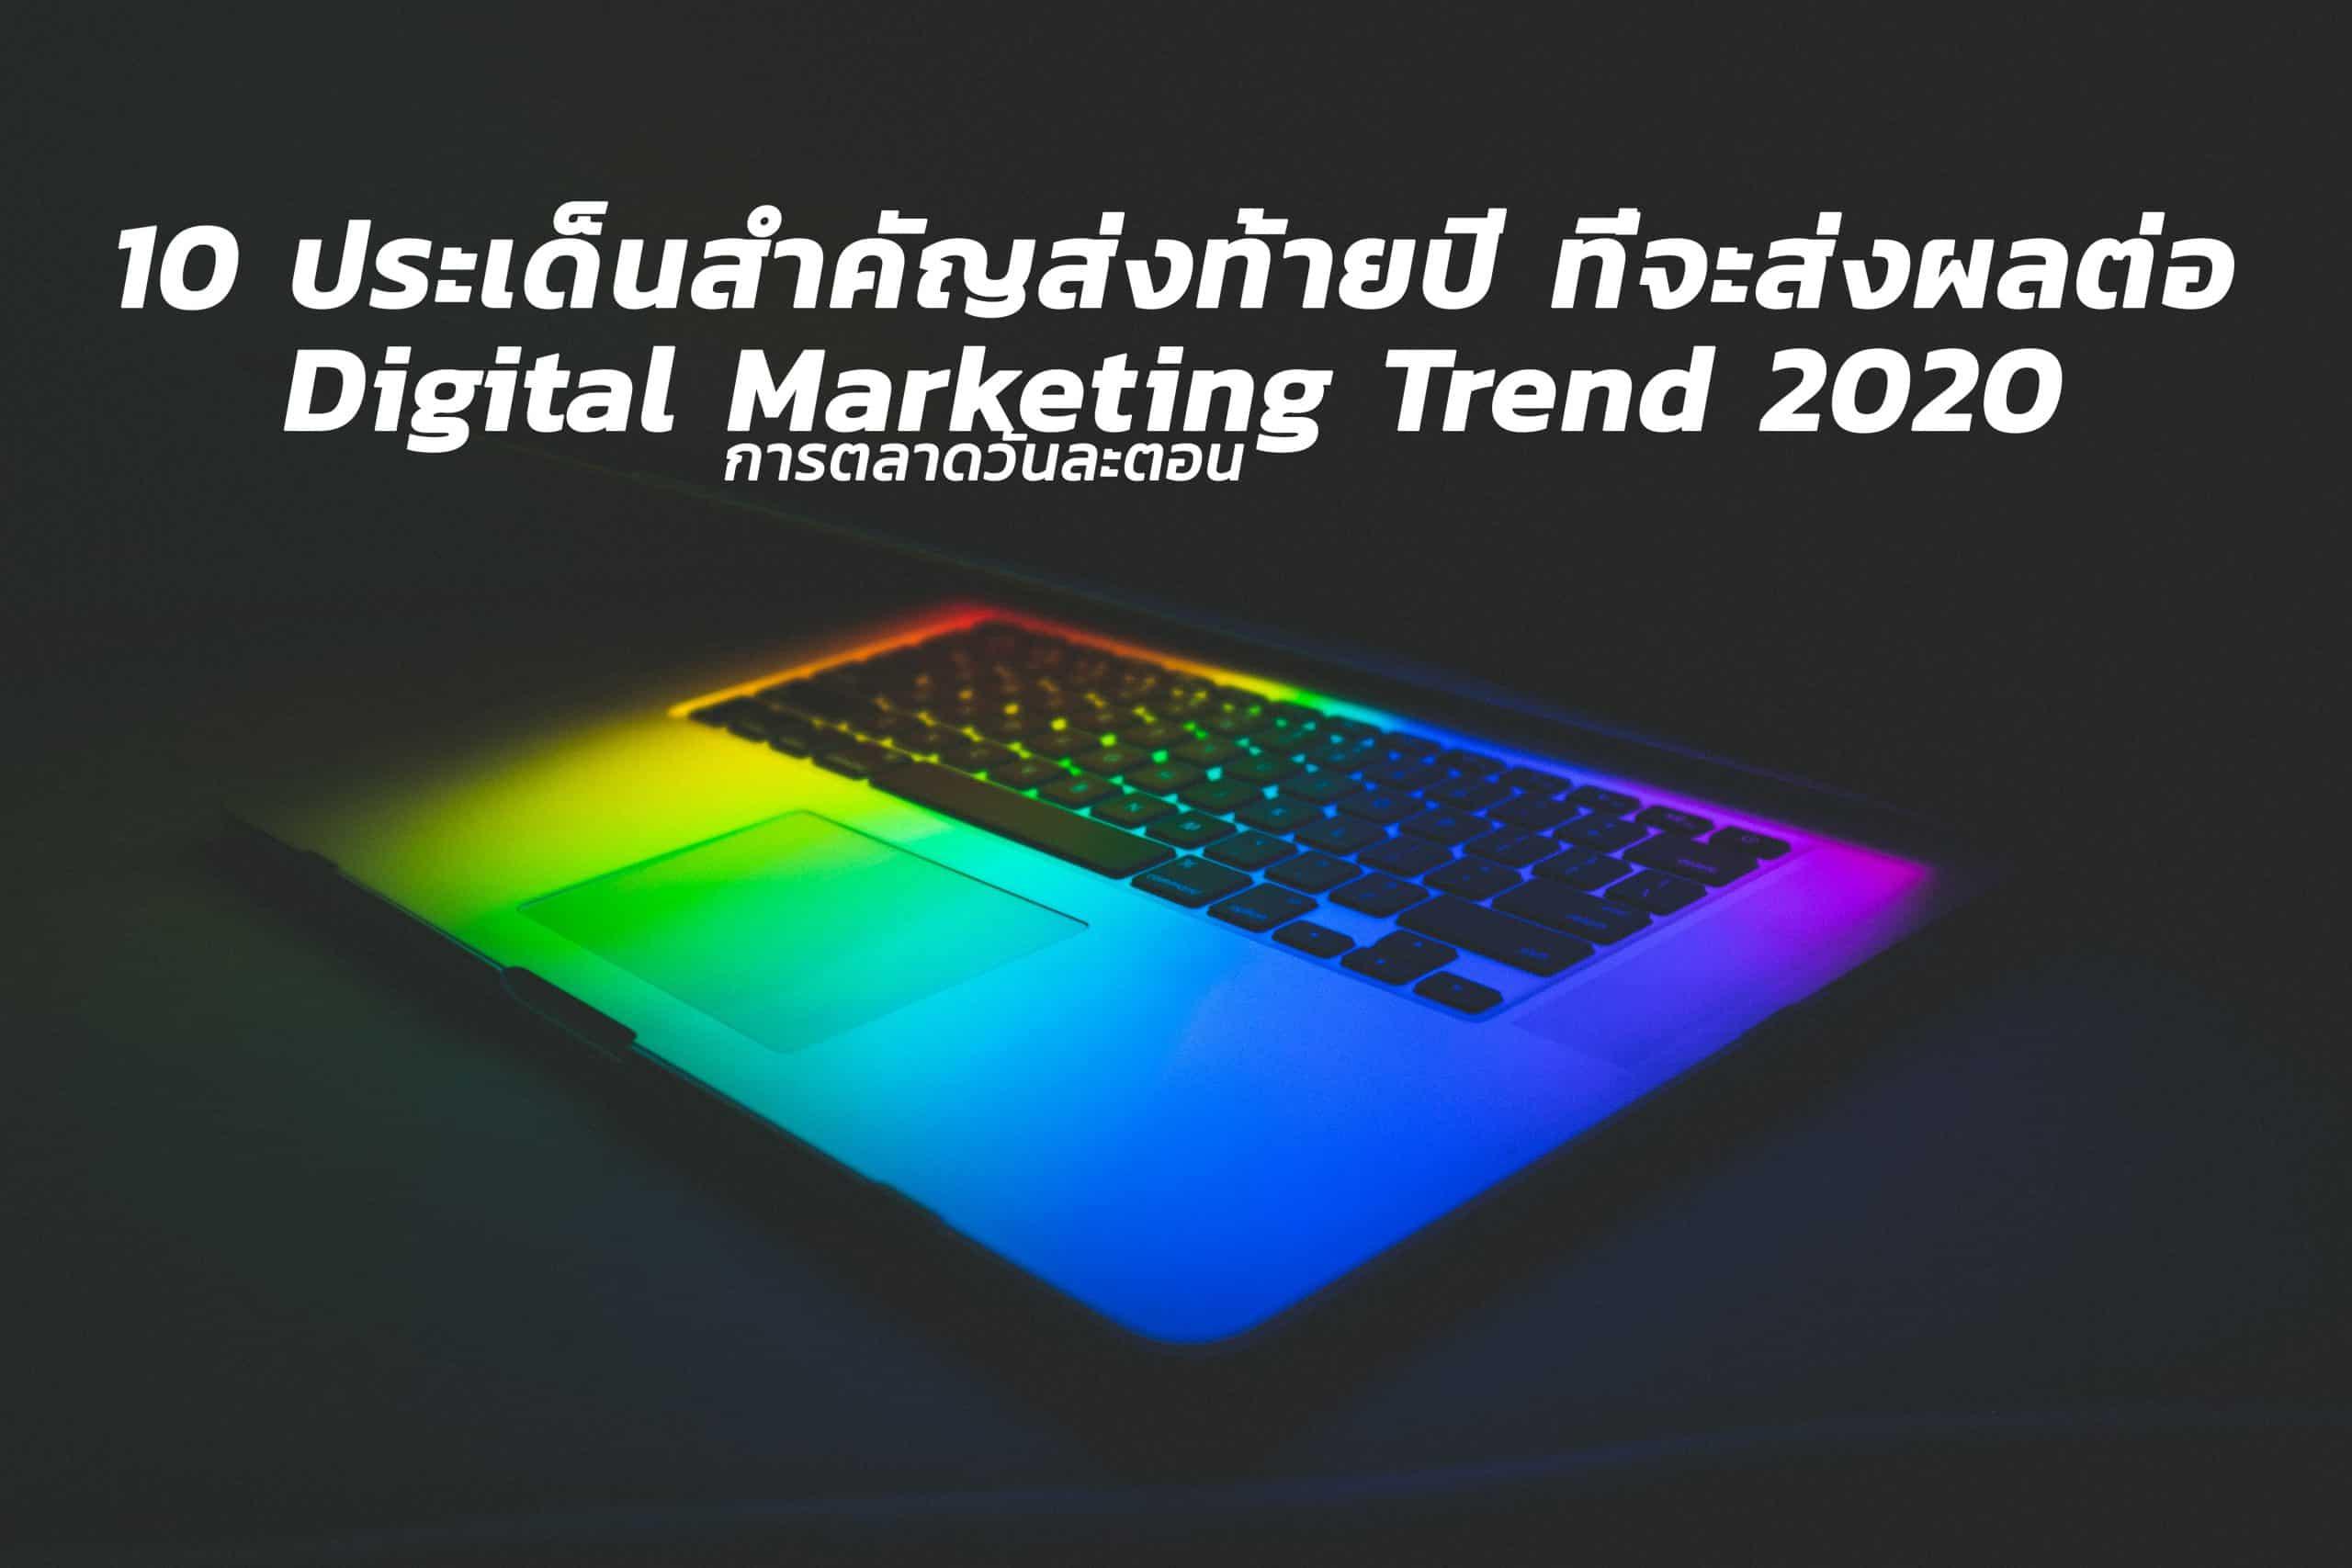 รวม 10 ประเด็นสำคัญส่งท้ายปี 2019 ที่จะส่งผลต่อการทำ Digital Marketing ในปี 2020